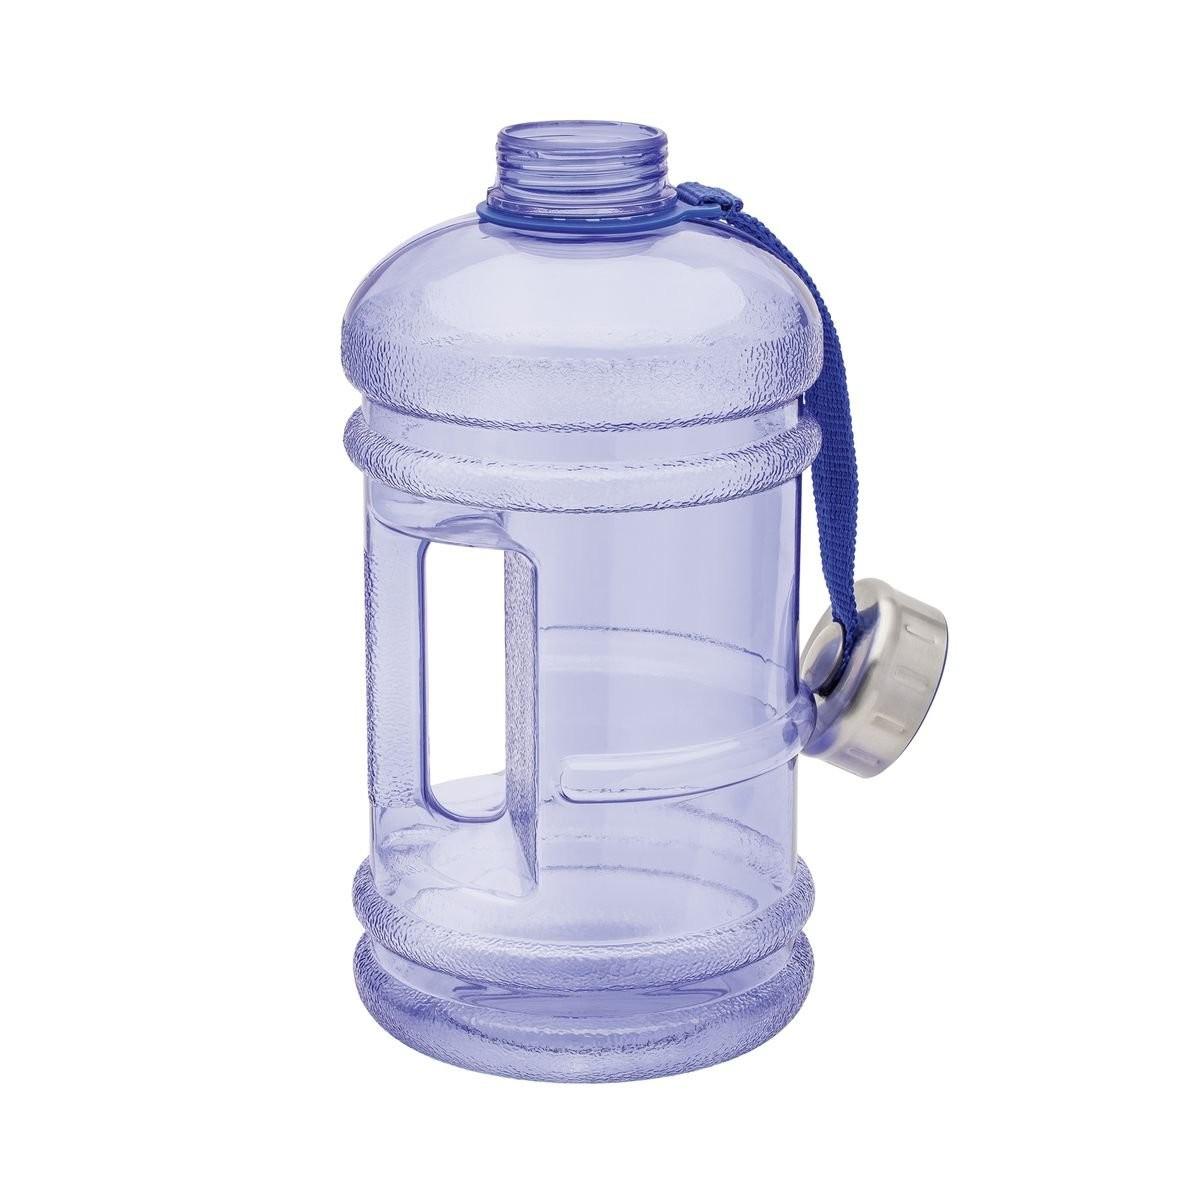 Fitnessflasche REFLECTS-KOUVOLA, Ansicht 10